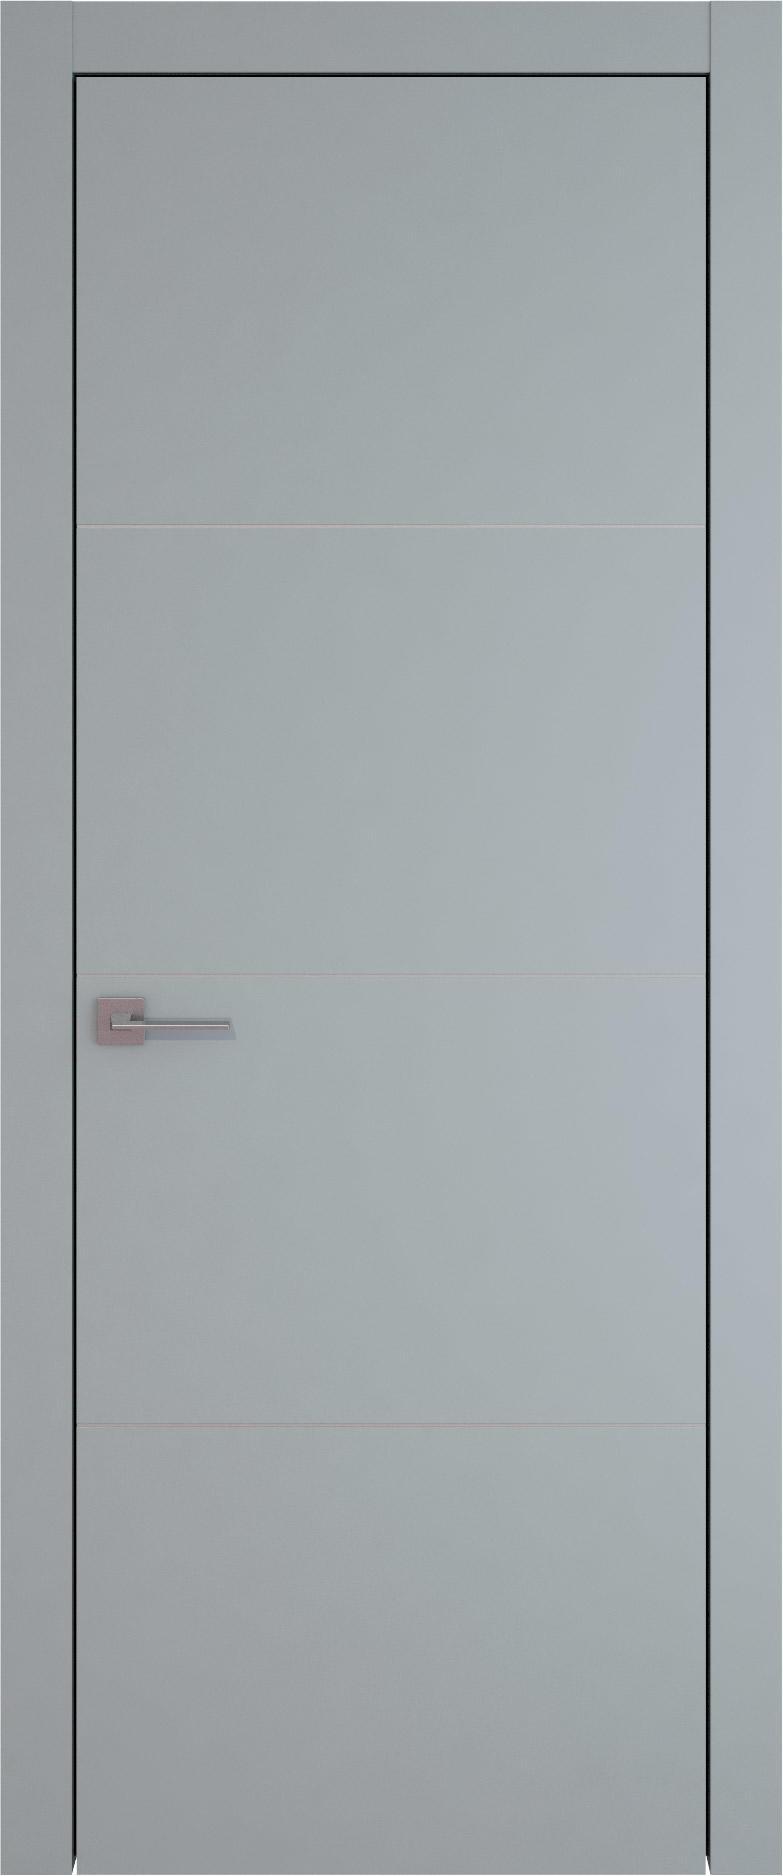 Tivoli Г-3 цвет - Серебристо-серая эмаль (RAL 7045) Без стекла (ДГ)